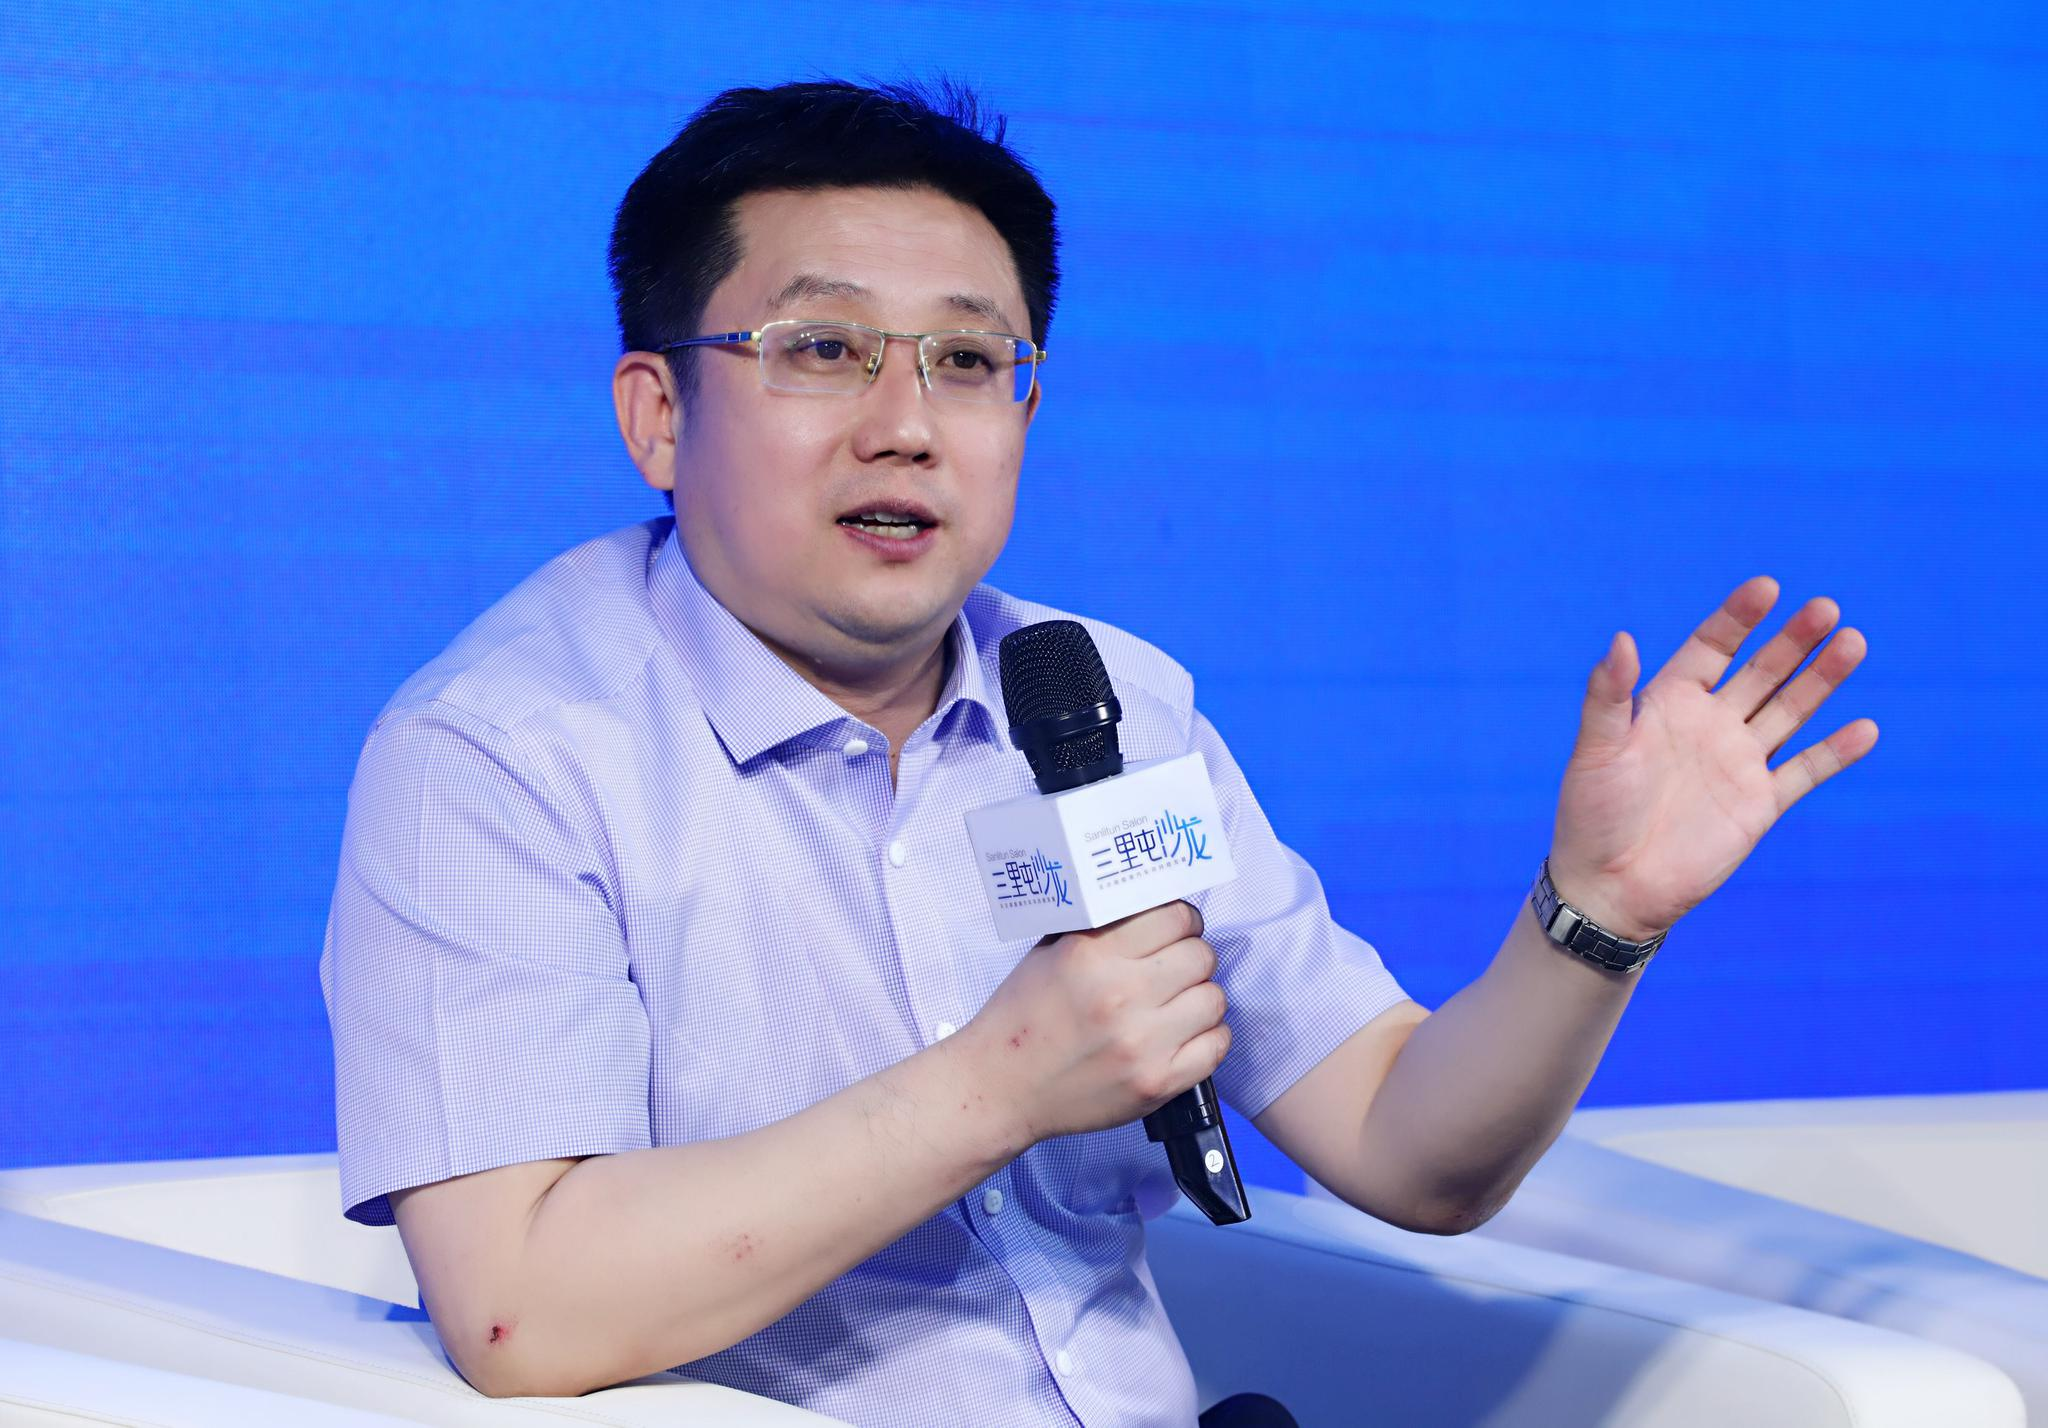 国家电网电动汽车公司董事长、原国家能源局科技司司长、规划司司长江冰